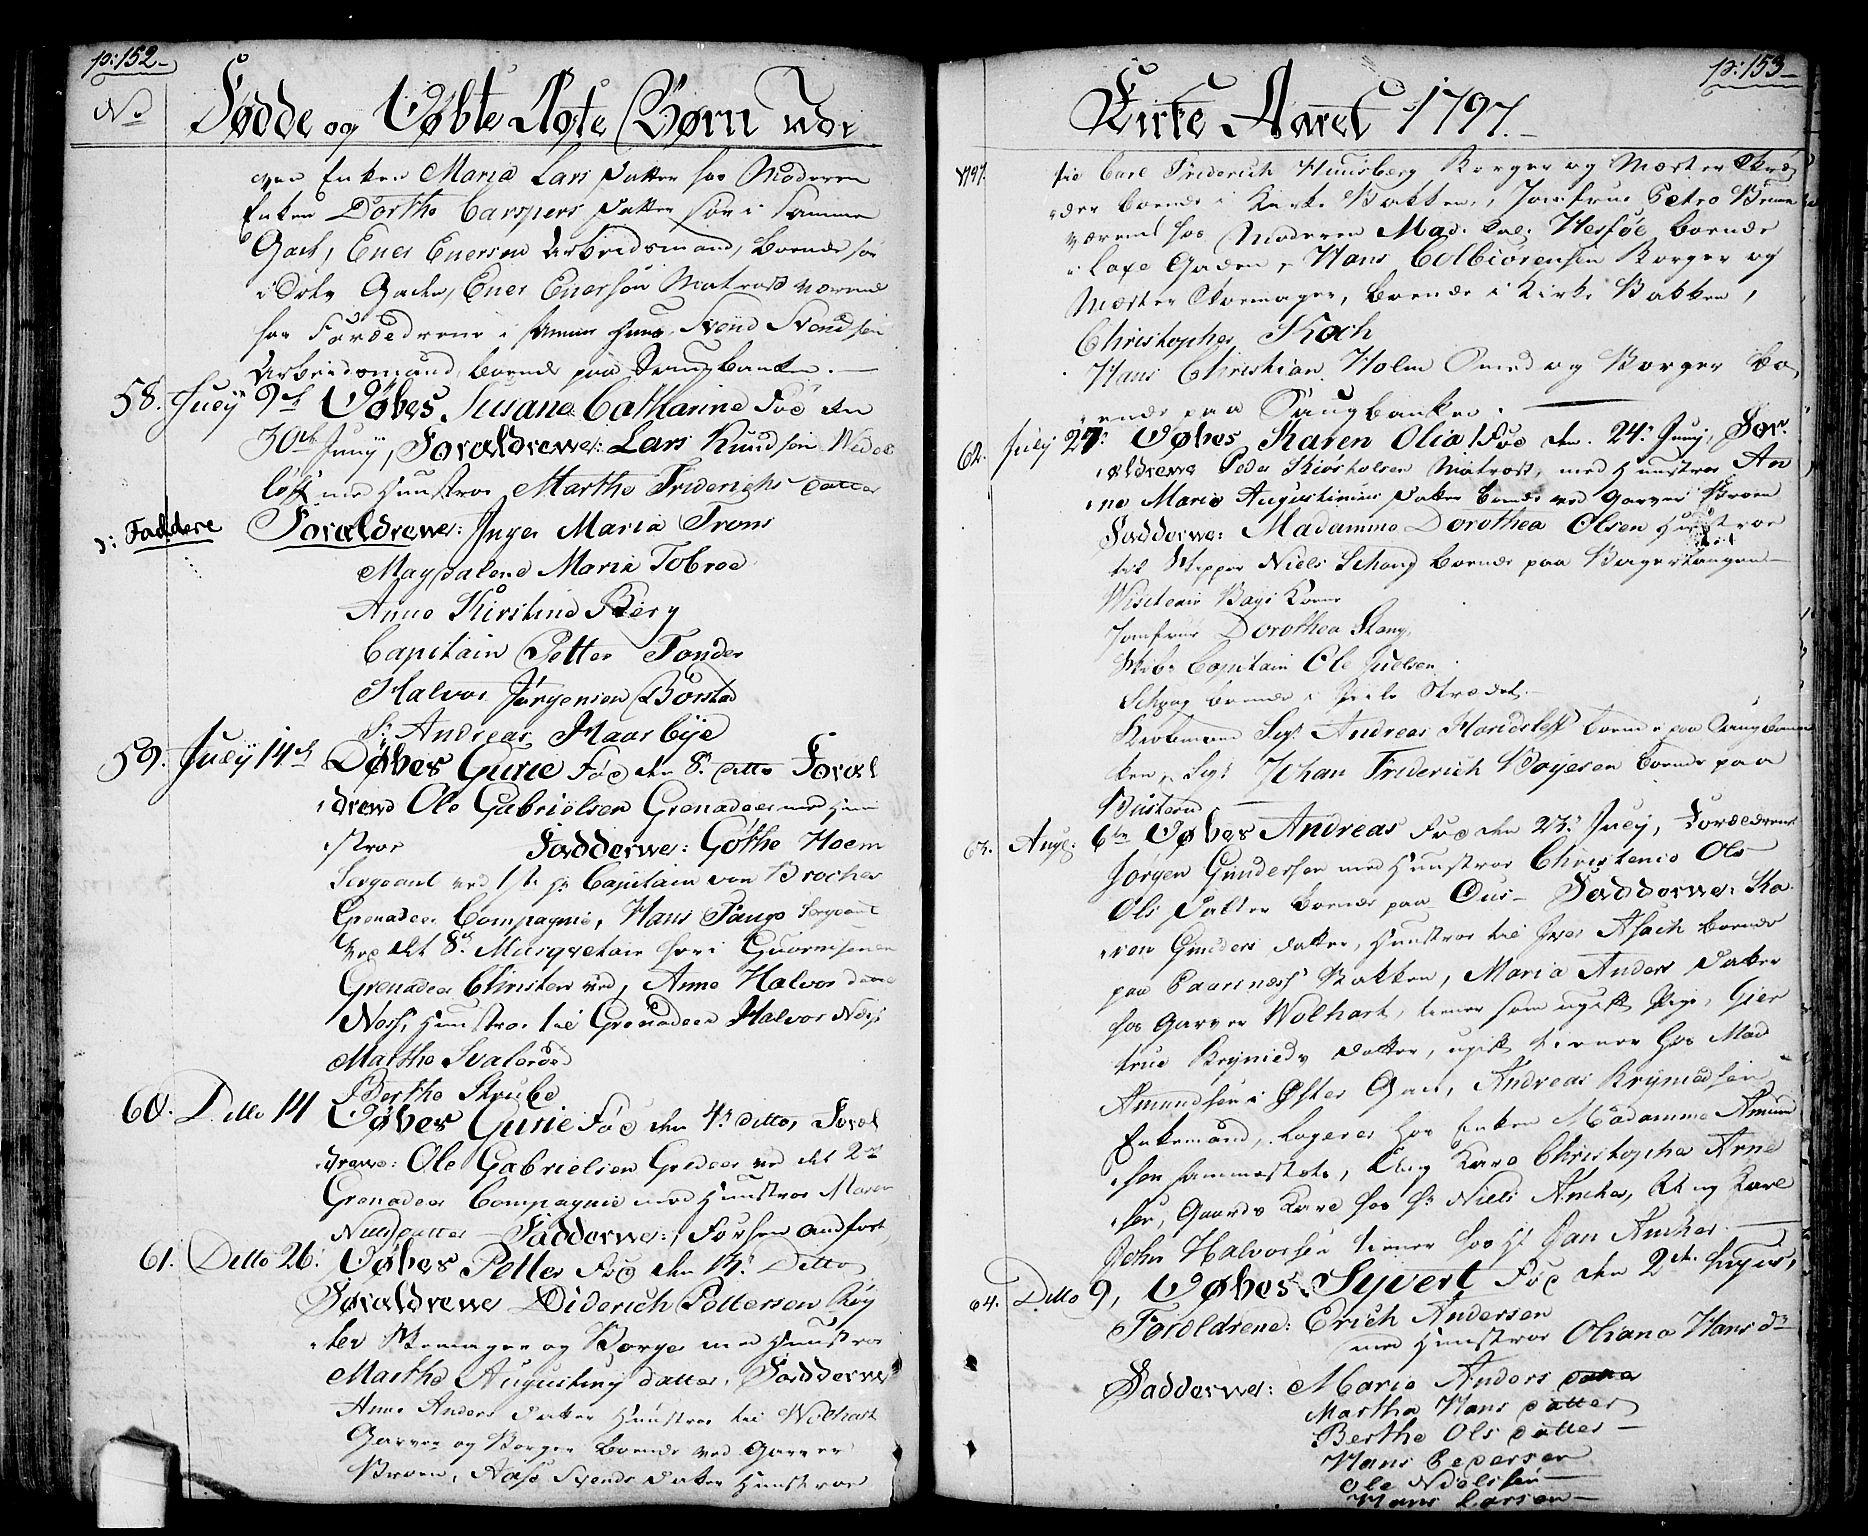 SAO, Halden prestekontor Kirkebøker, F/Fa/L0002: Ministerialbok nr. I 2, 1792-1812, s. 152-153